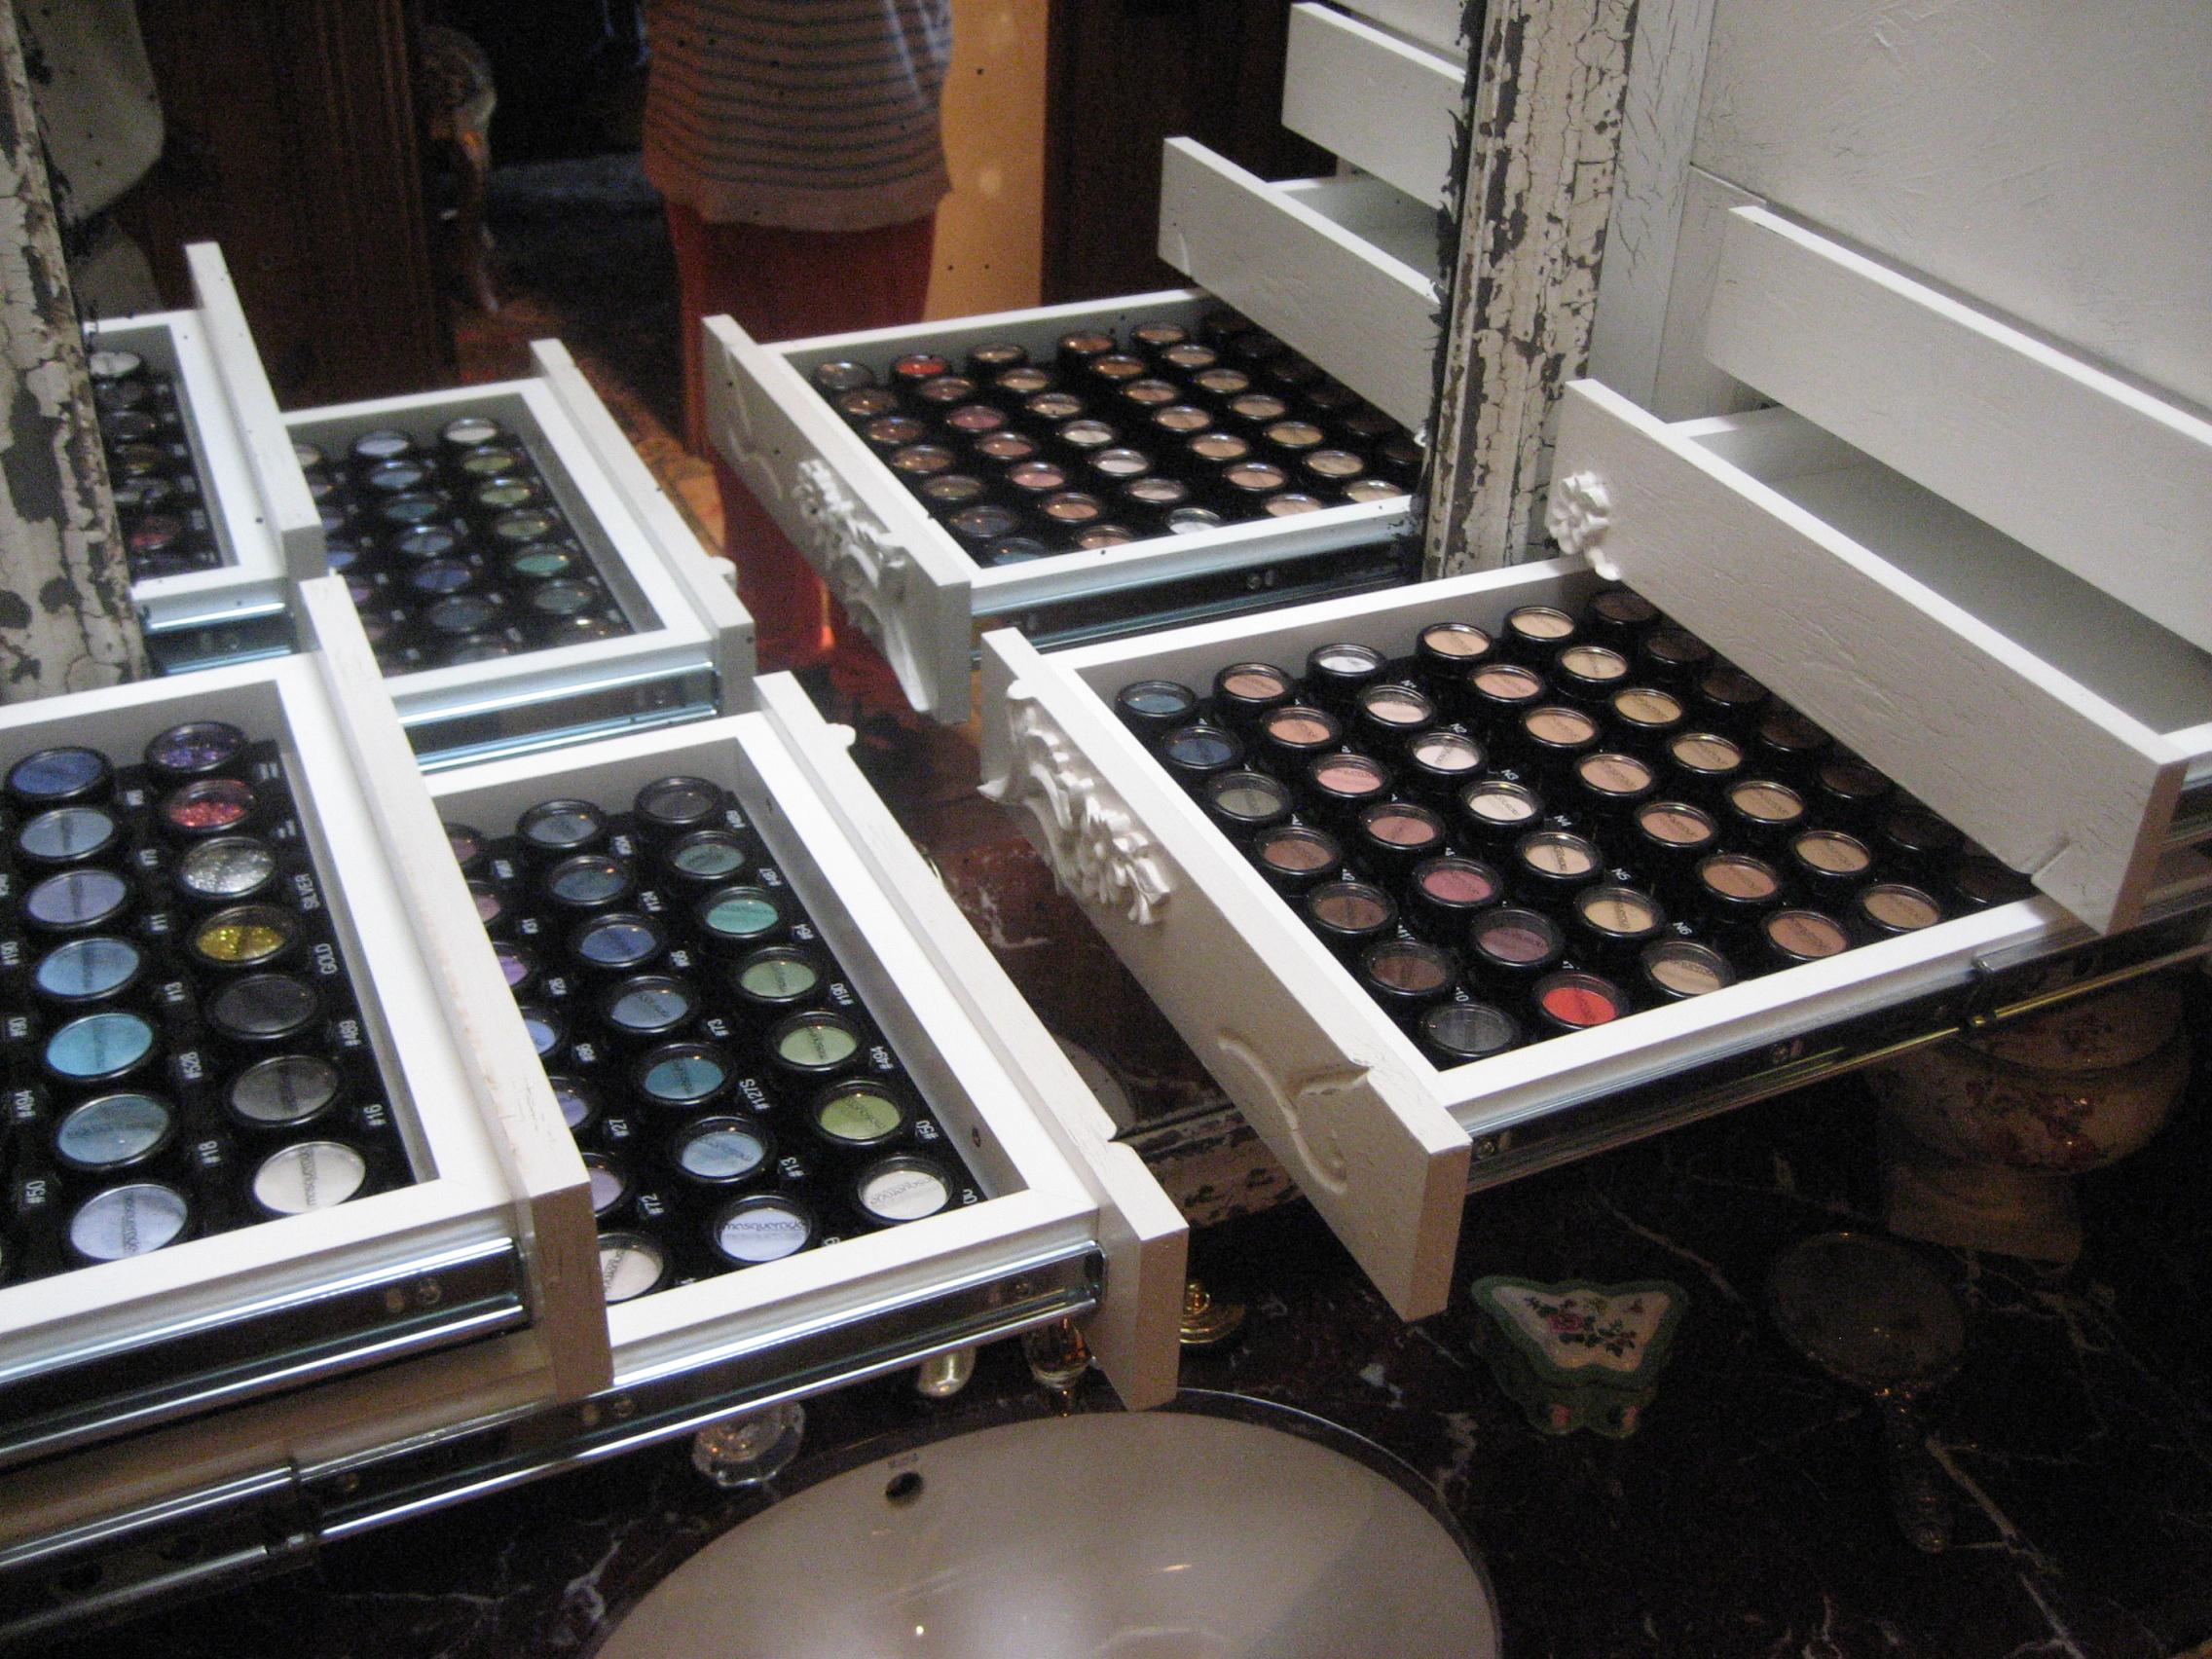 Merveilleux Secret Compartments For Makeup